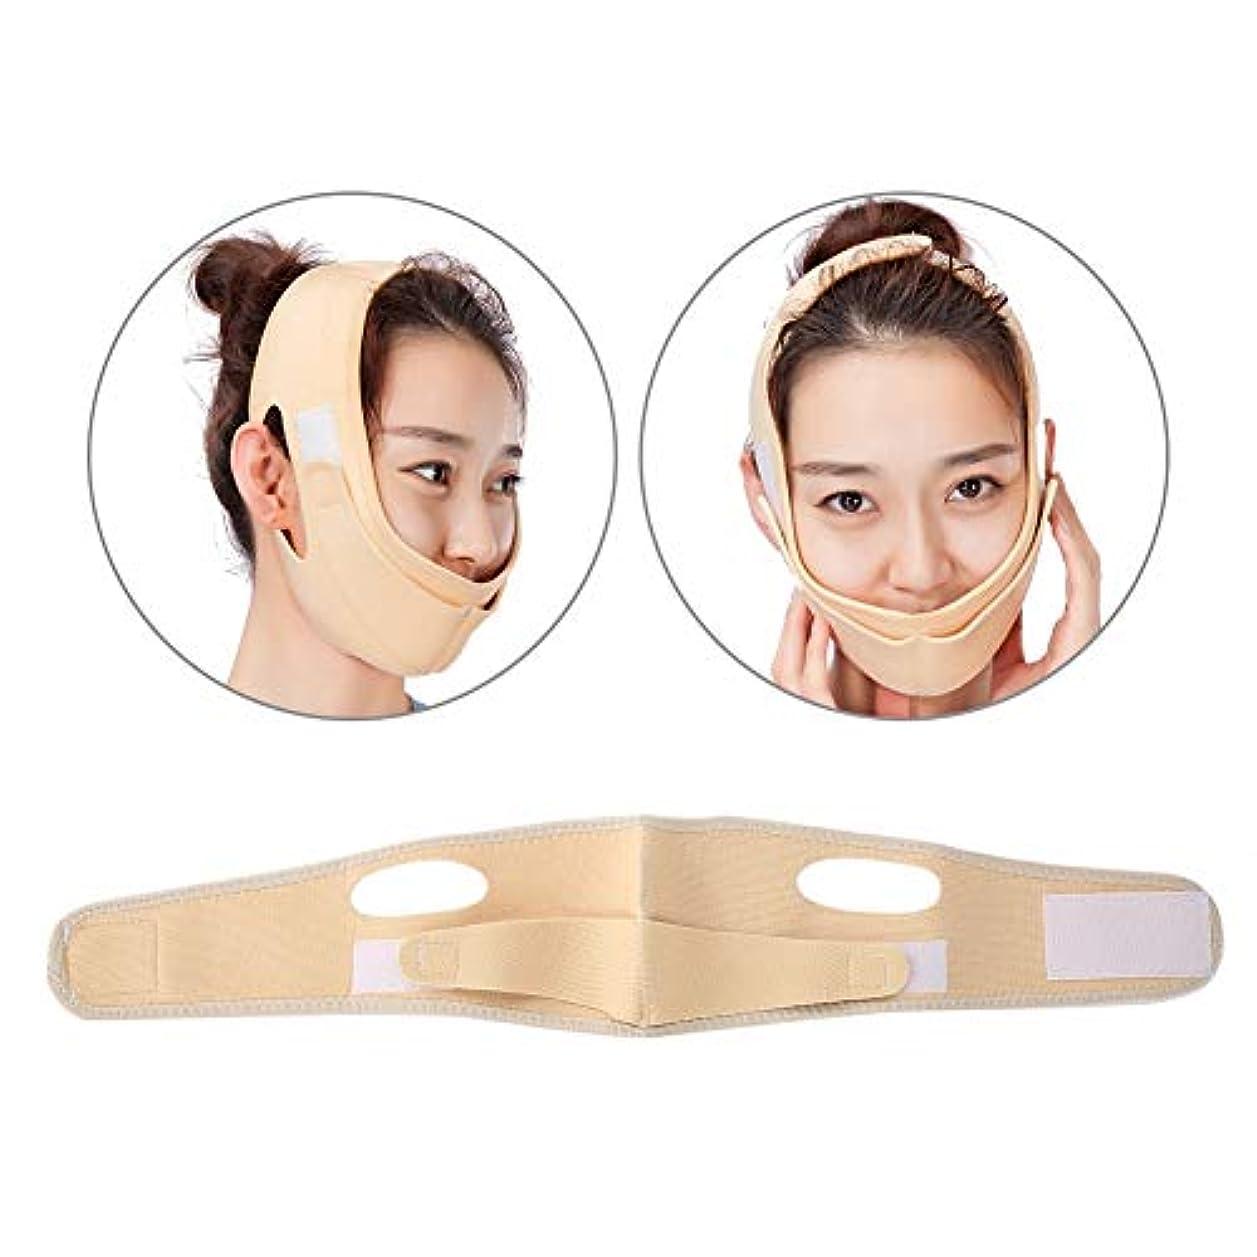 アッパー揮発性導出2タイプフェイスリフティングマスク、ナチュラルVチーク舐め締めベルト、アンチリンクル引き締めスキンマスク、フェイスリフティング減量アンチダブルフェイシャル包帯(1#)